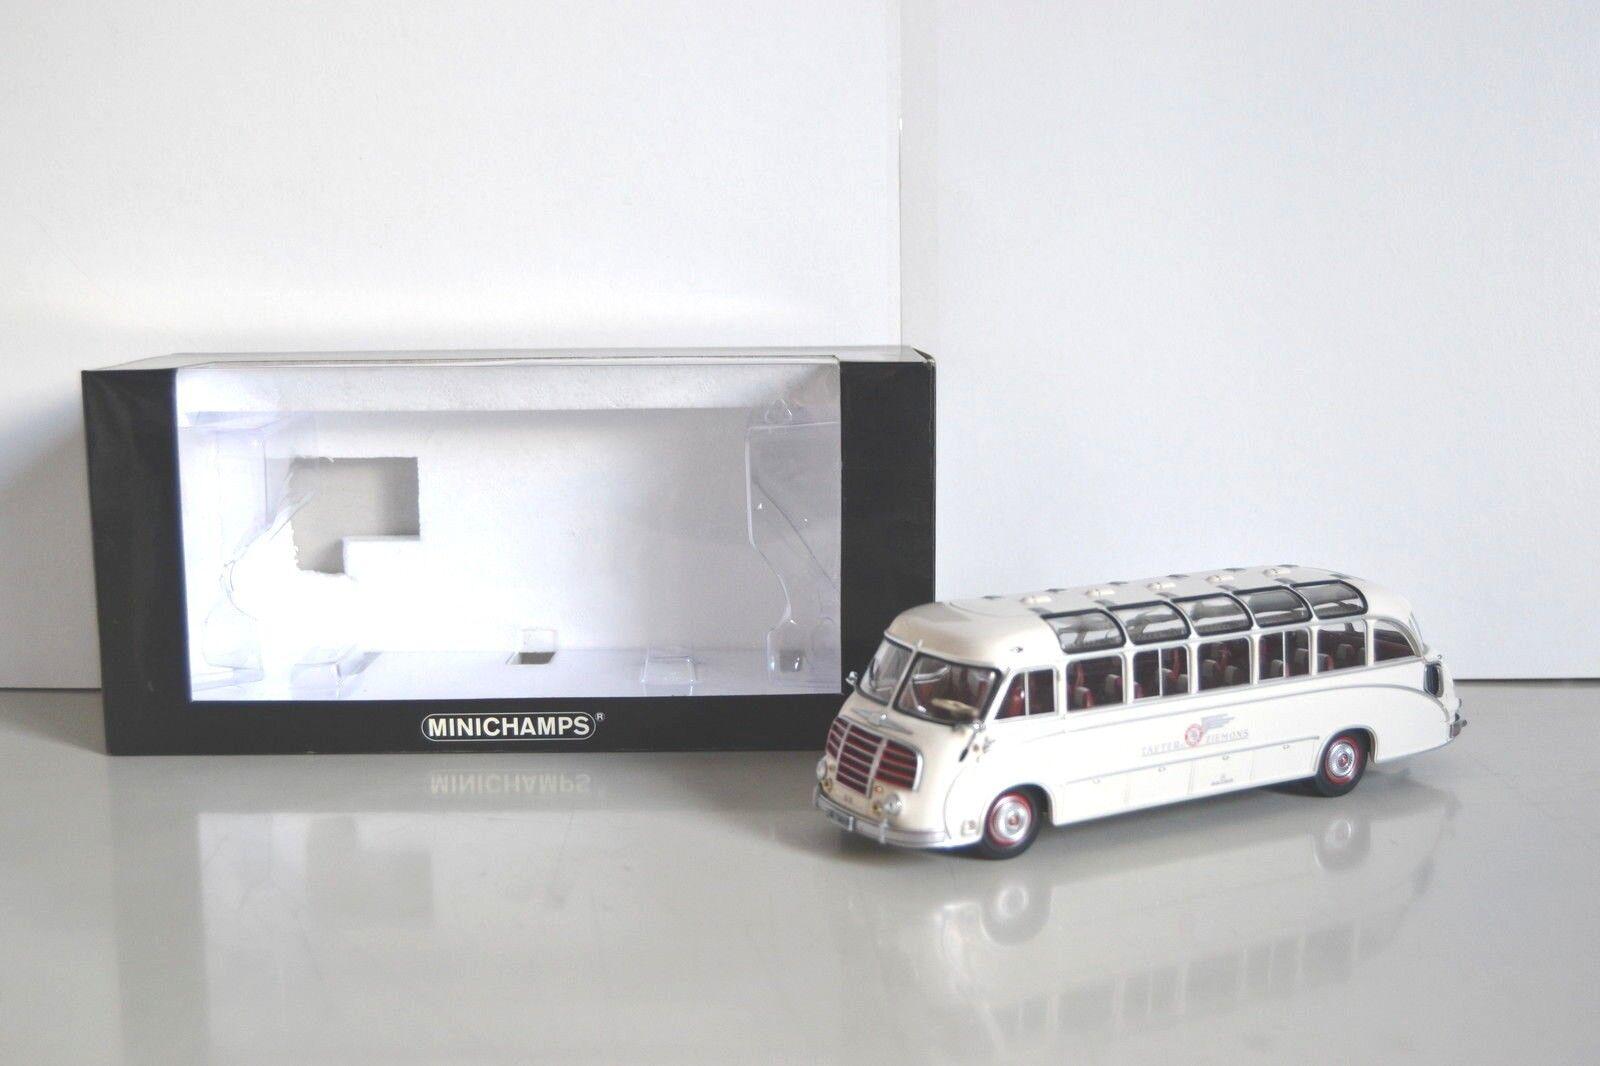 Minichamps 1 1 1 43 Setra S8 1953 autocar Taeter Ziemons Réf. 439 030086 SL 1008 p. 5aadfb